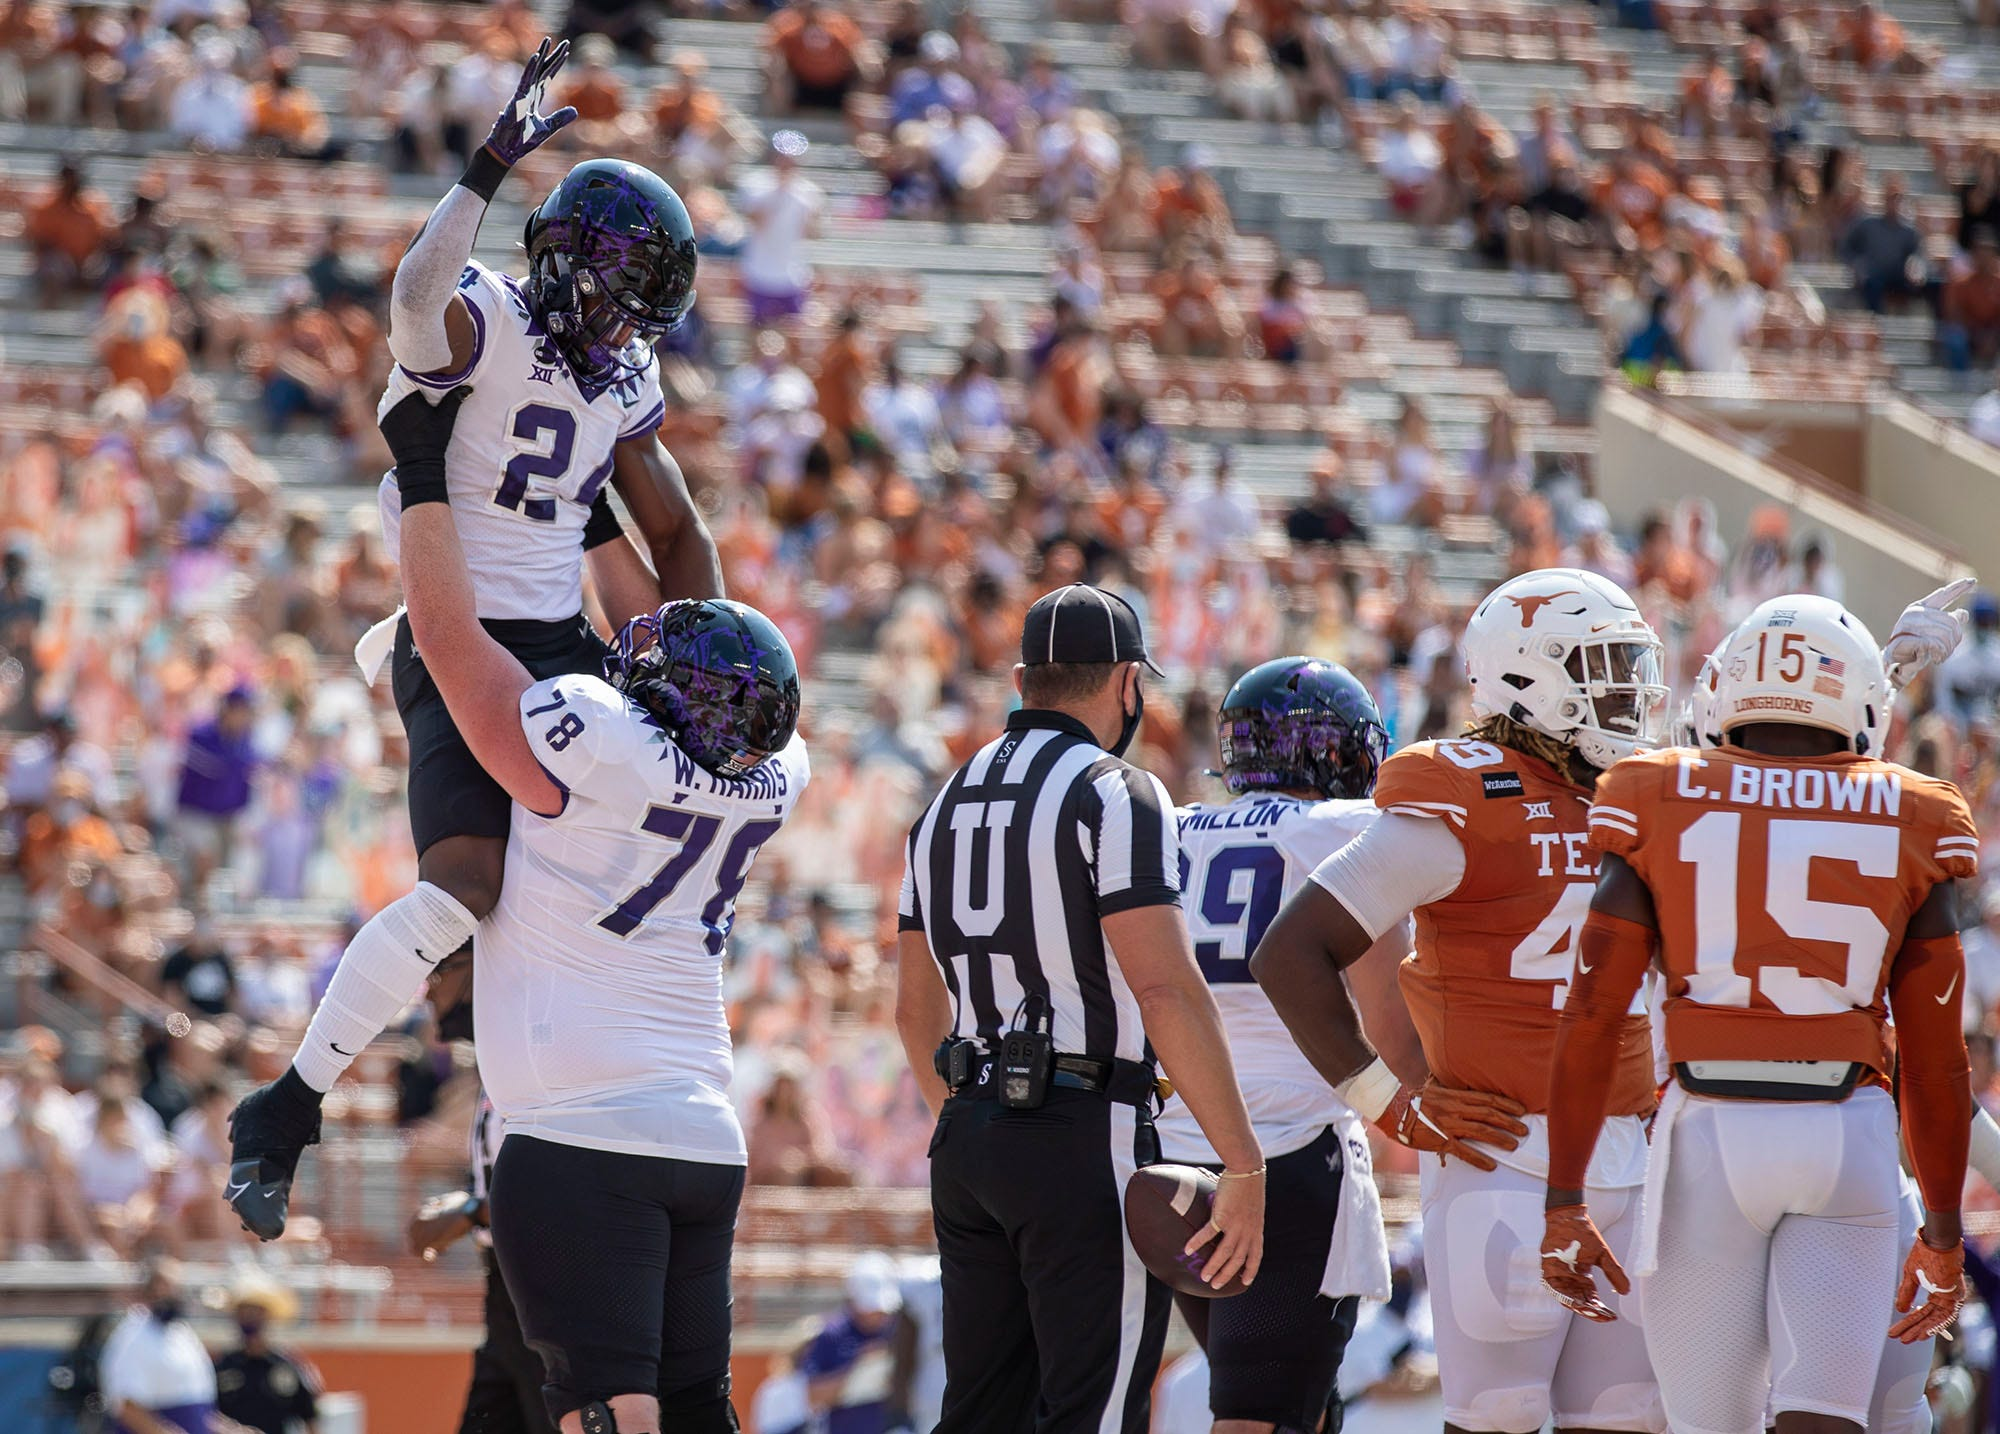 TCU again knocks off No. 9 Texas, with late touchdown run by Max Duggan